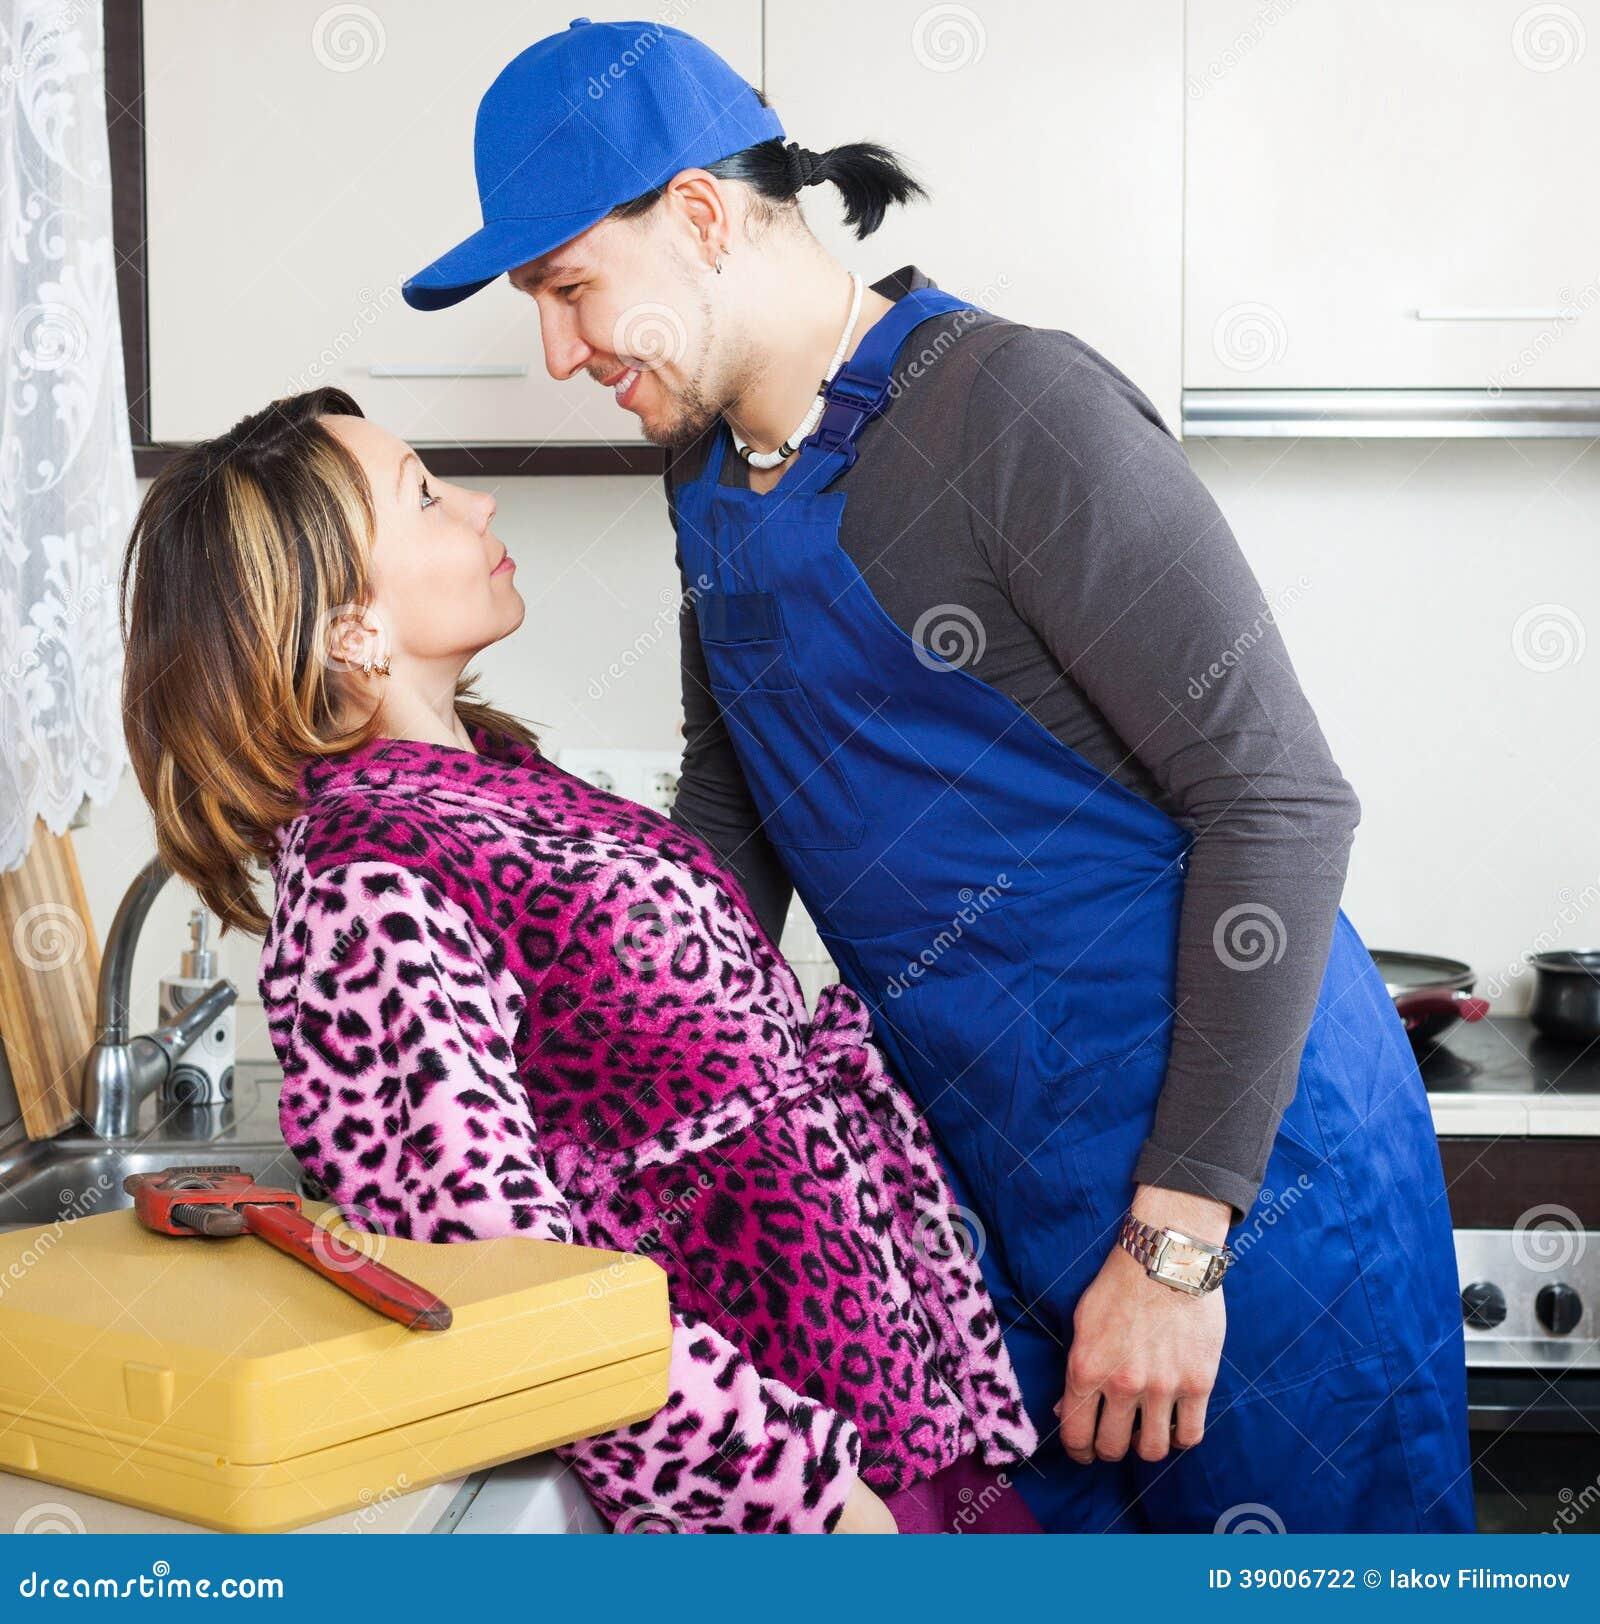 Слесарь и домохозяйка 4 фотография